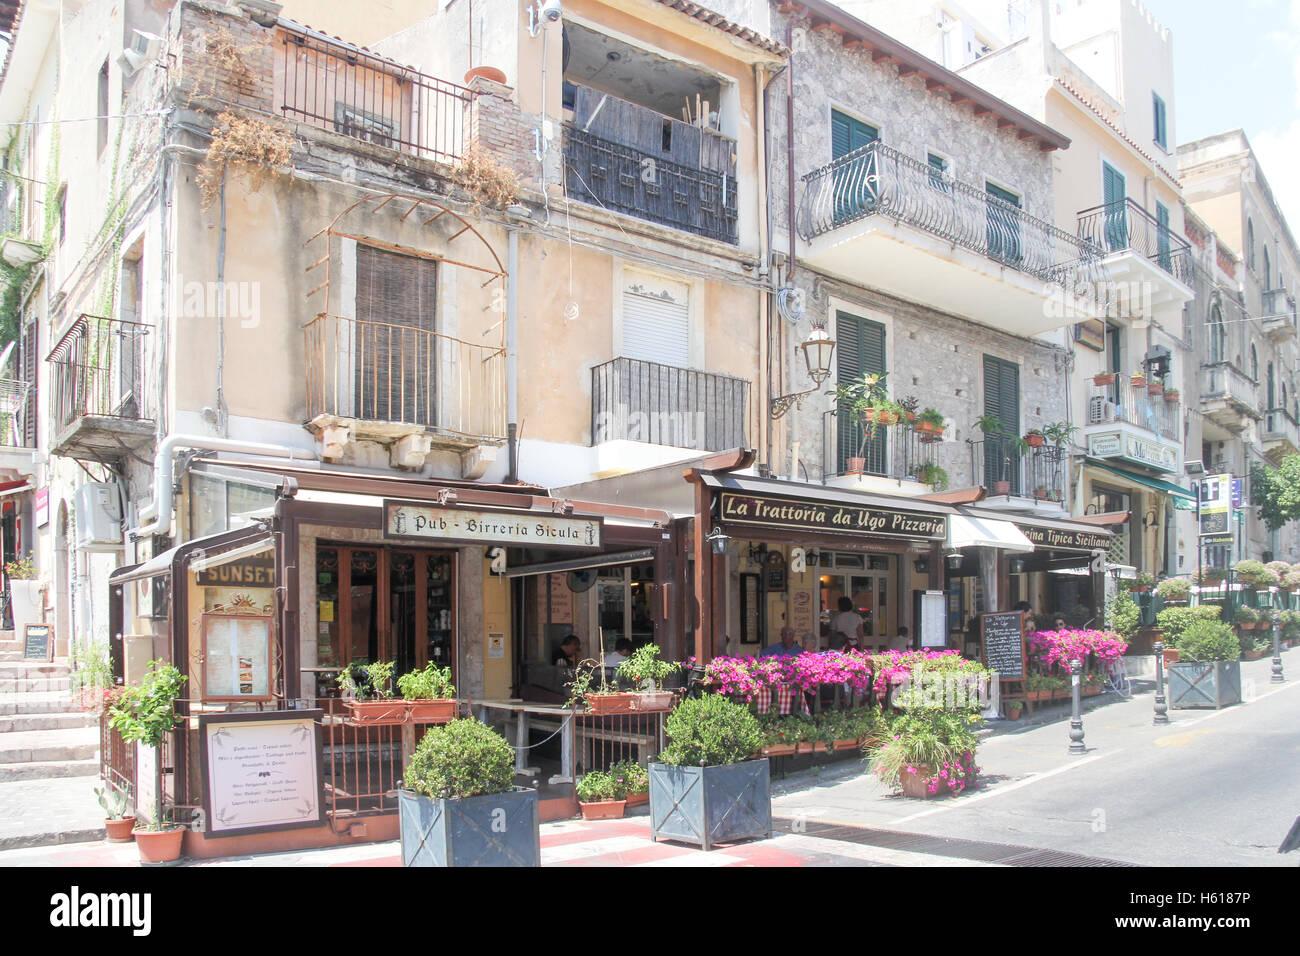 Bars And Restaurants In Taormina Sicily Italy Stock Photo